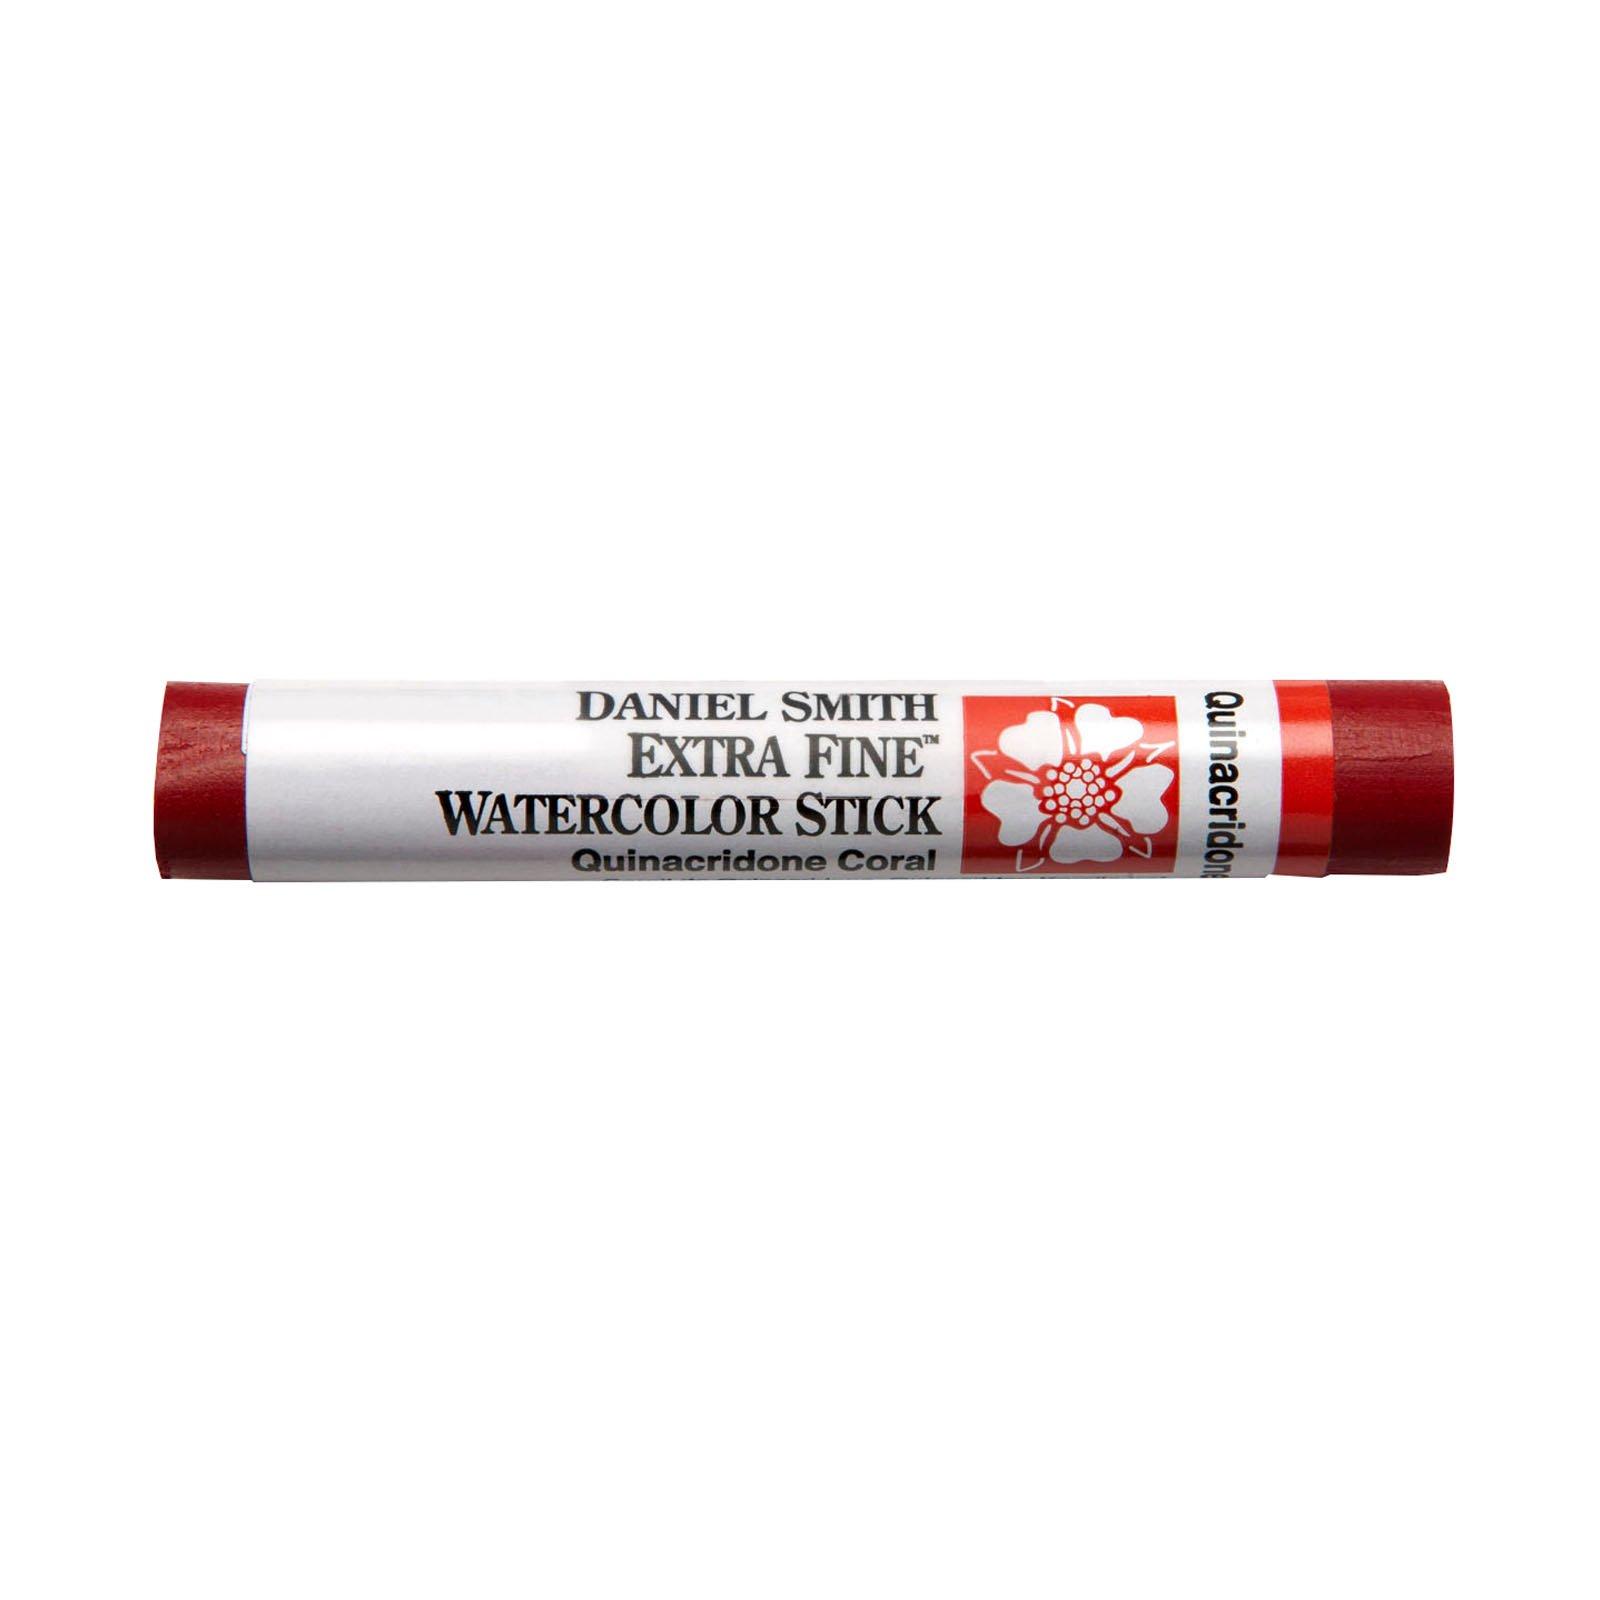 Extra-Fine Watercolor Sticks, Quinacridone Coral - 12ml Stick